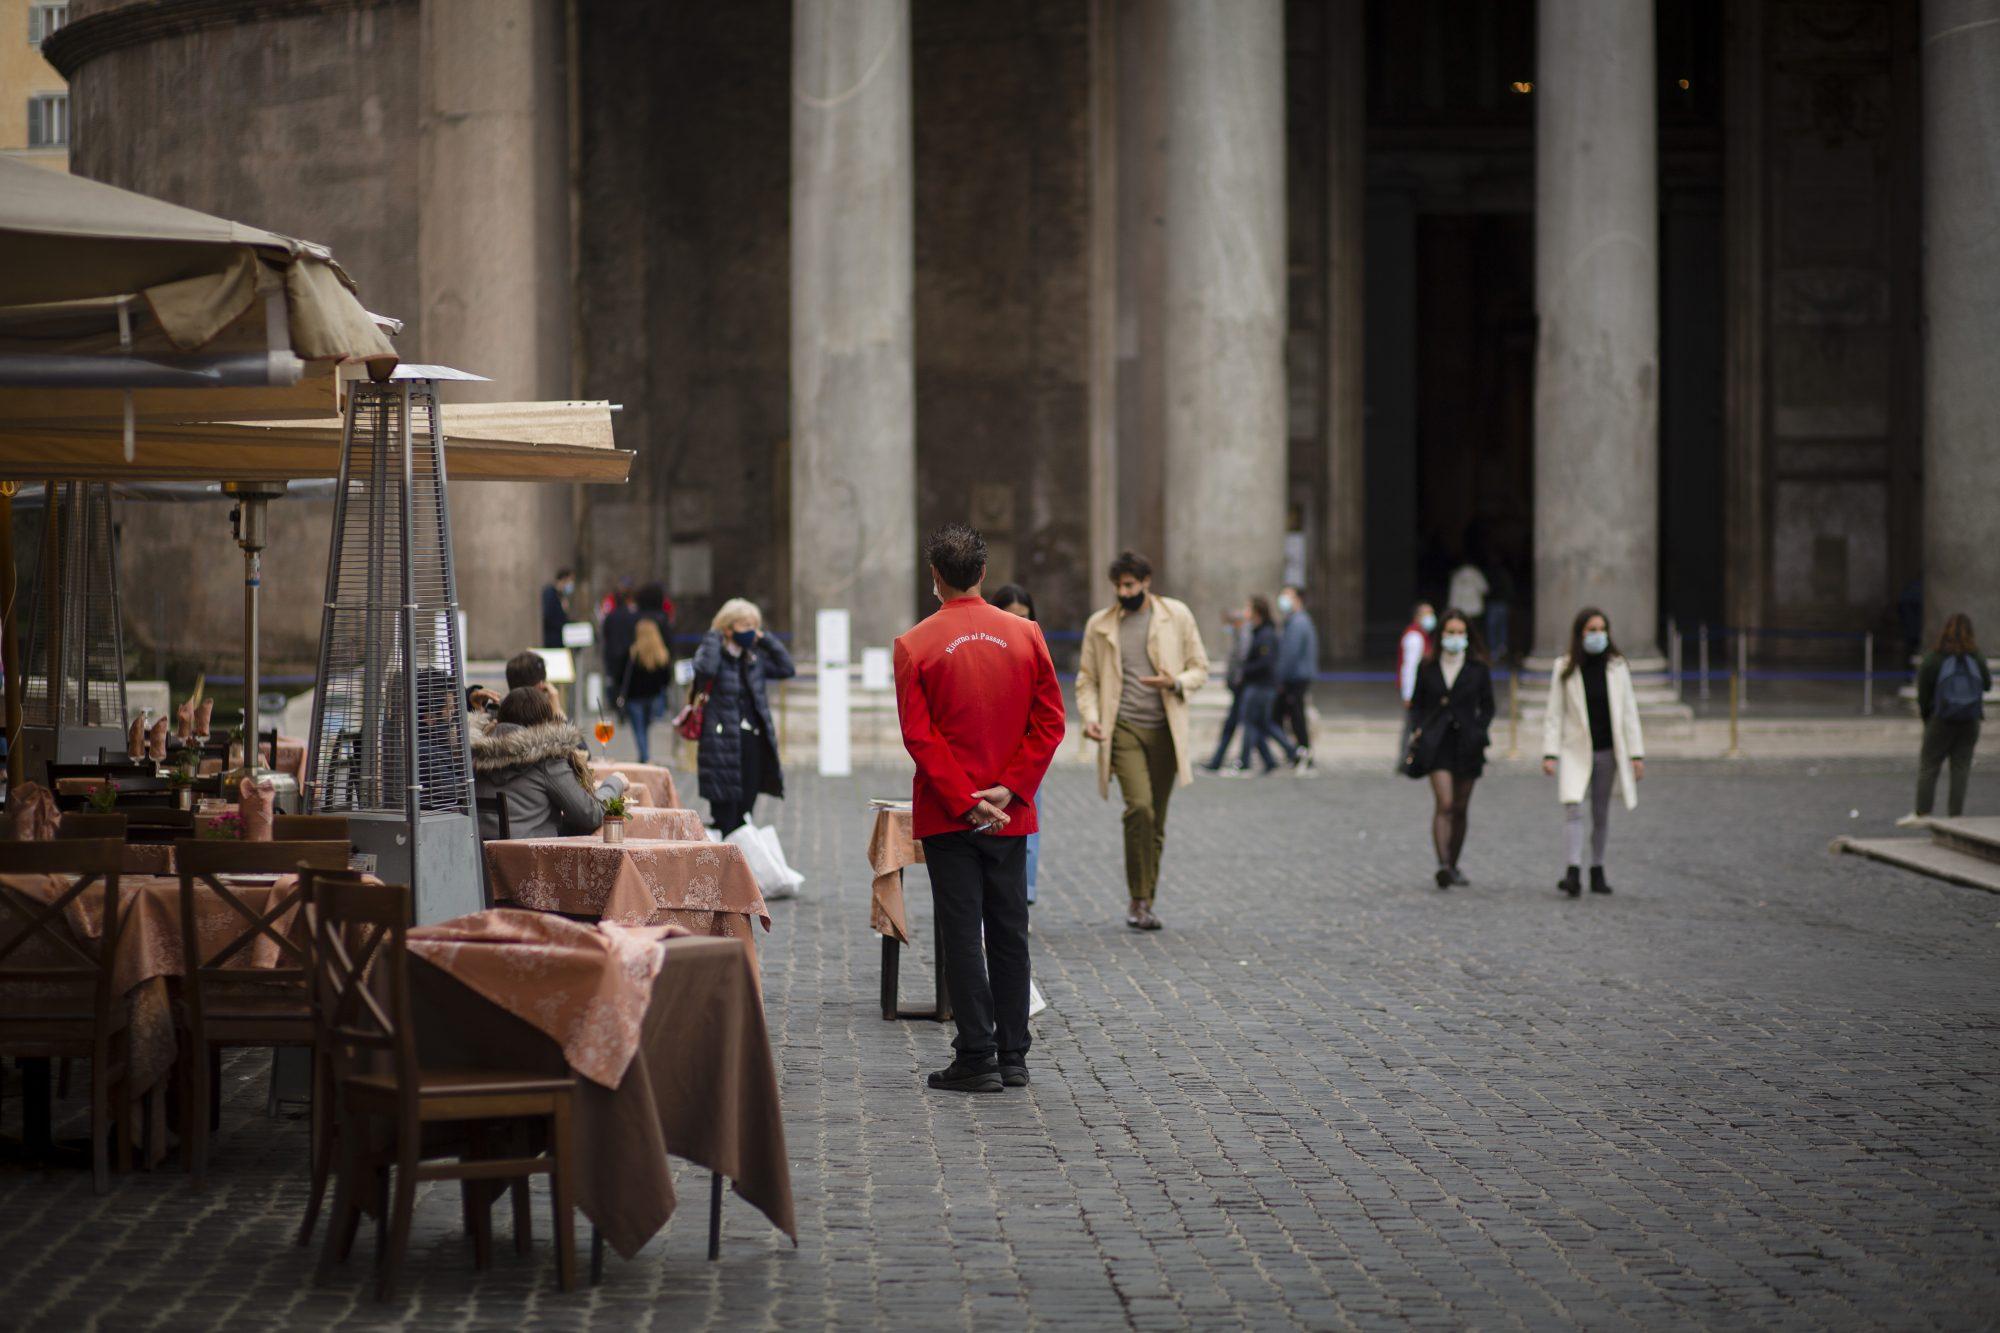 Italy - Rome Coronavirus Lockdown